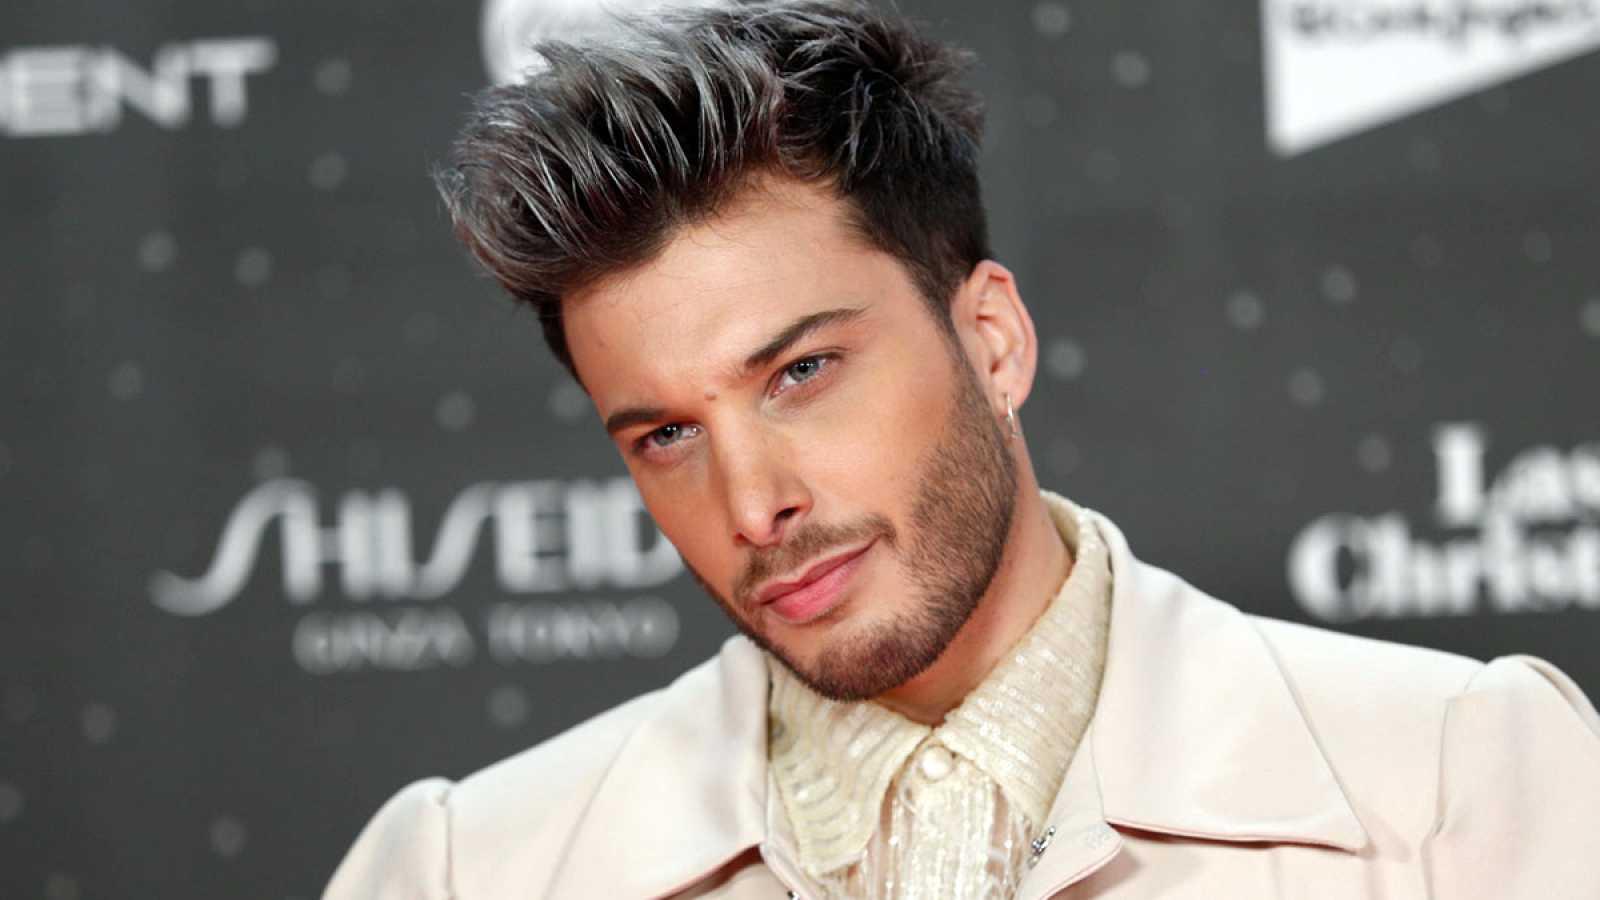 Blas Cantó se baja del escenario en plena actuación de Eurovisión y le hace una felación a un espectador